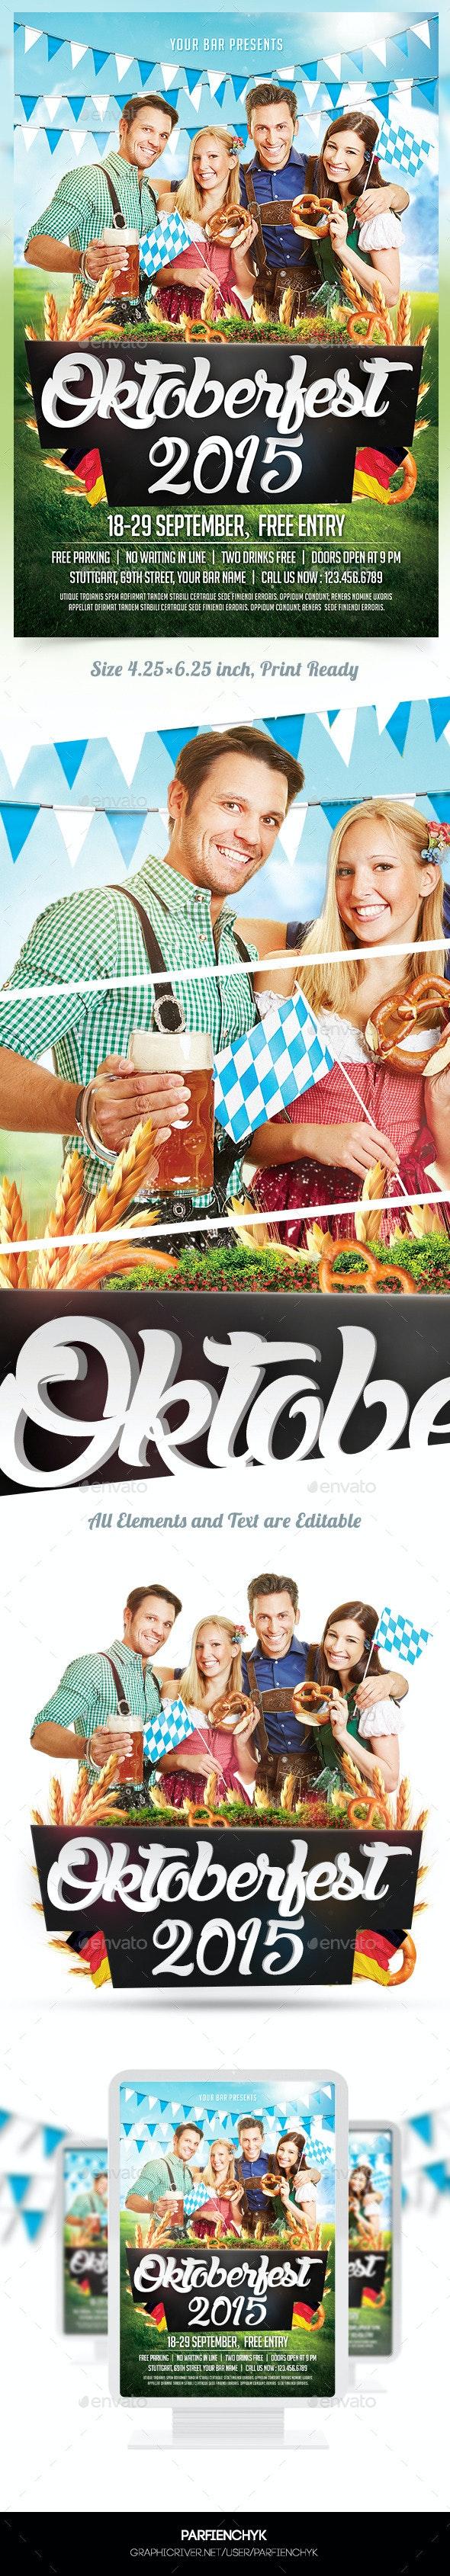 Oktoberfest Flyer Template - Clubs & Parties Events